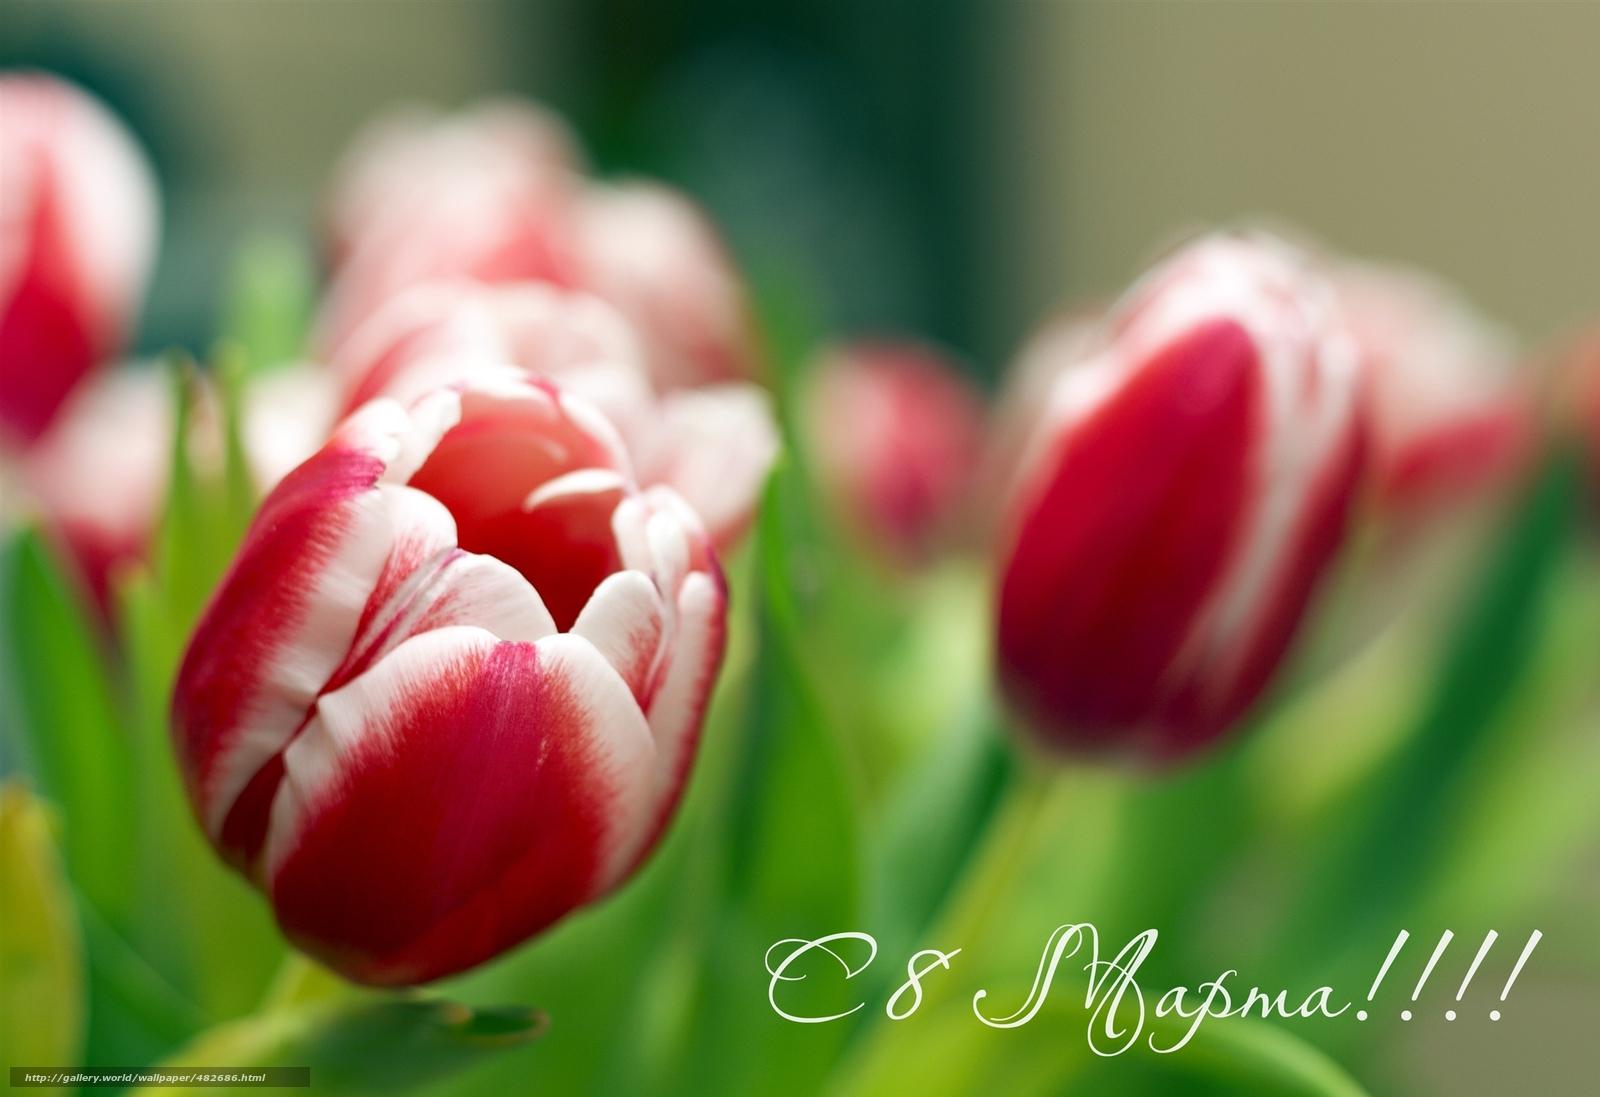 Скачать обои с 8 марта,  цветы,  фон бесплатно для рабочего стола в разрешении 2048x1404 — картинка №482686